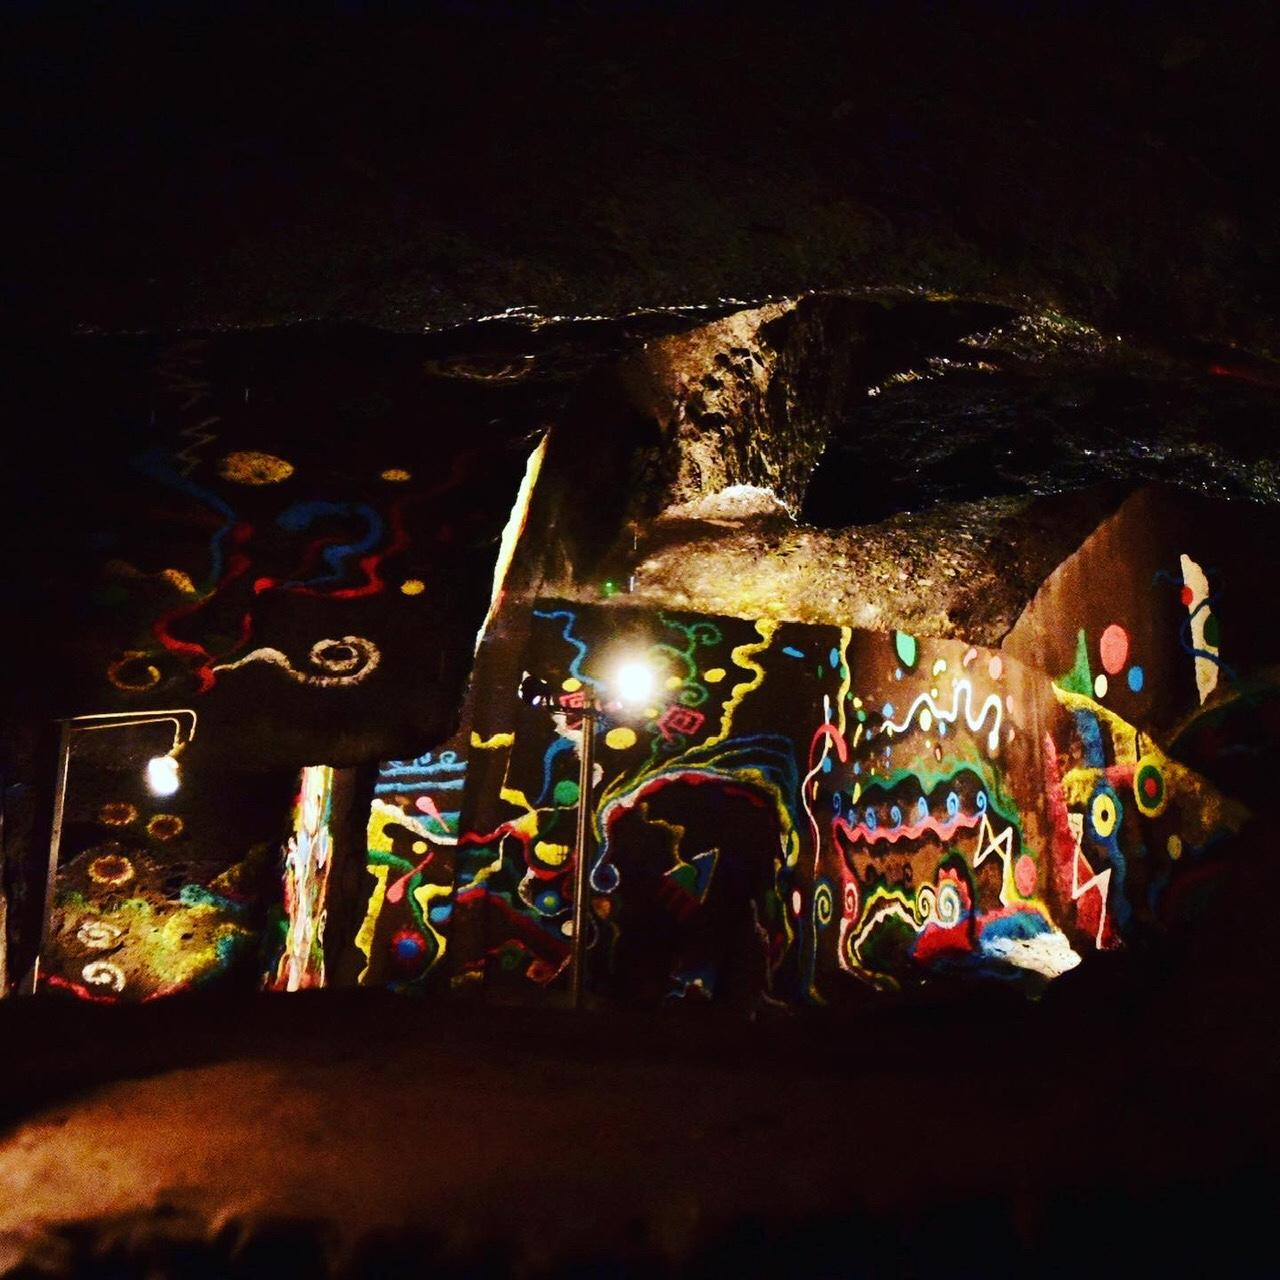 熊襲の穴 -霧島市隼人町嘉例川- パワースポット イメージ画像